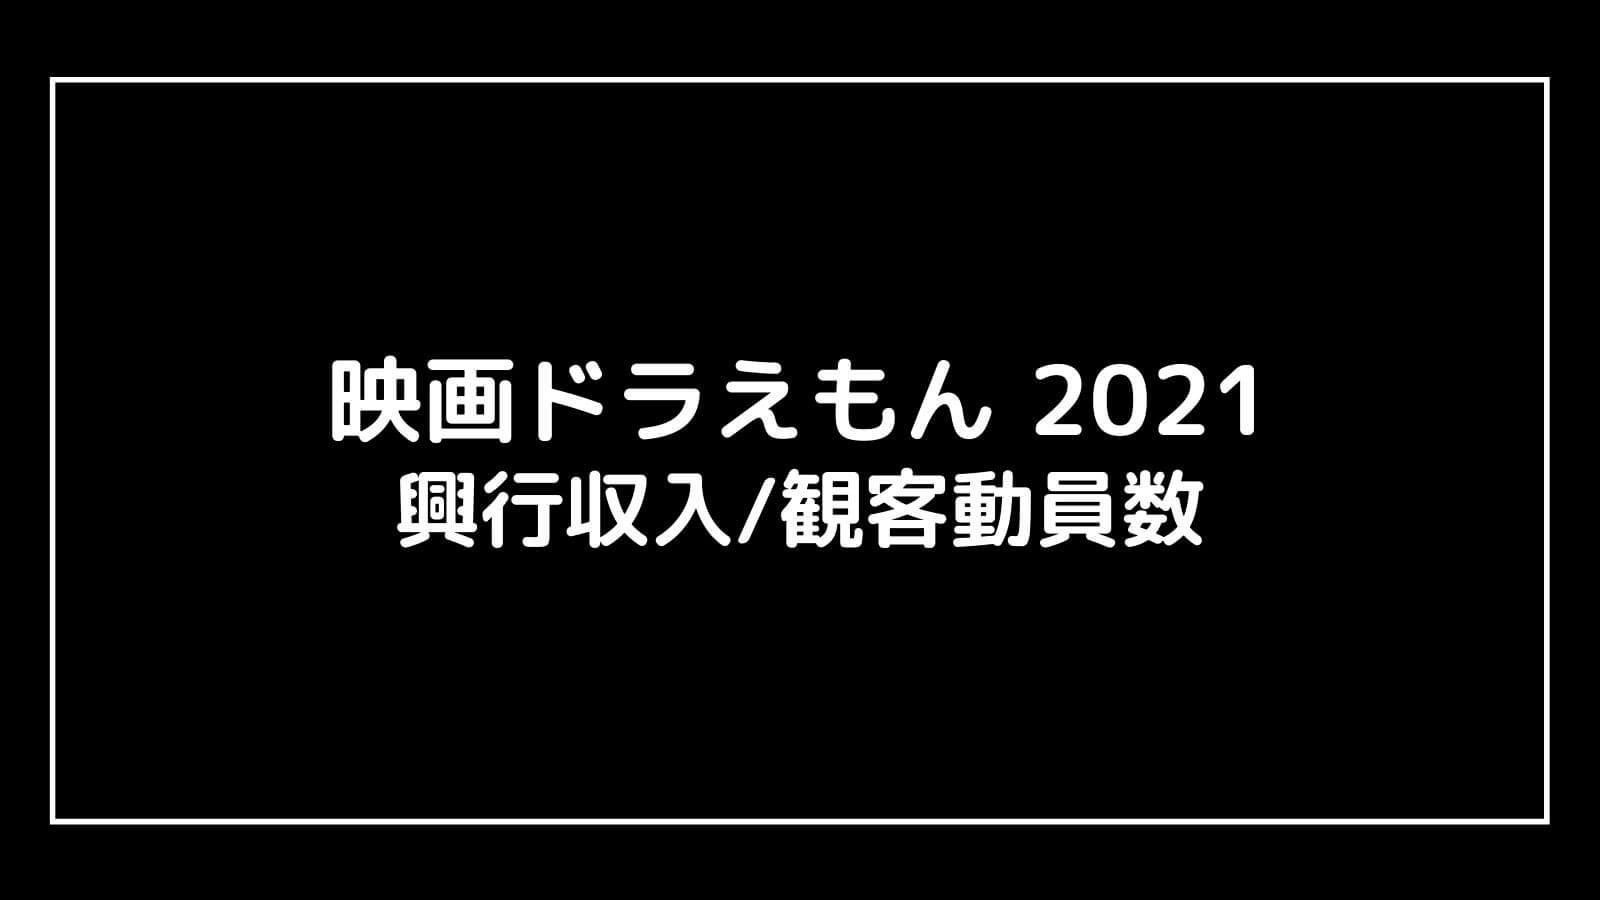 『映画ドラえもん のび太の宇宙小戦争2021』現在の興行収入推移と最終興収を元映画館社員が予想